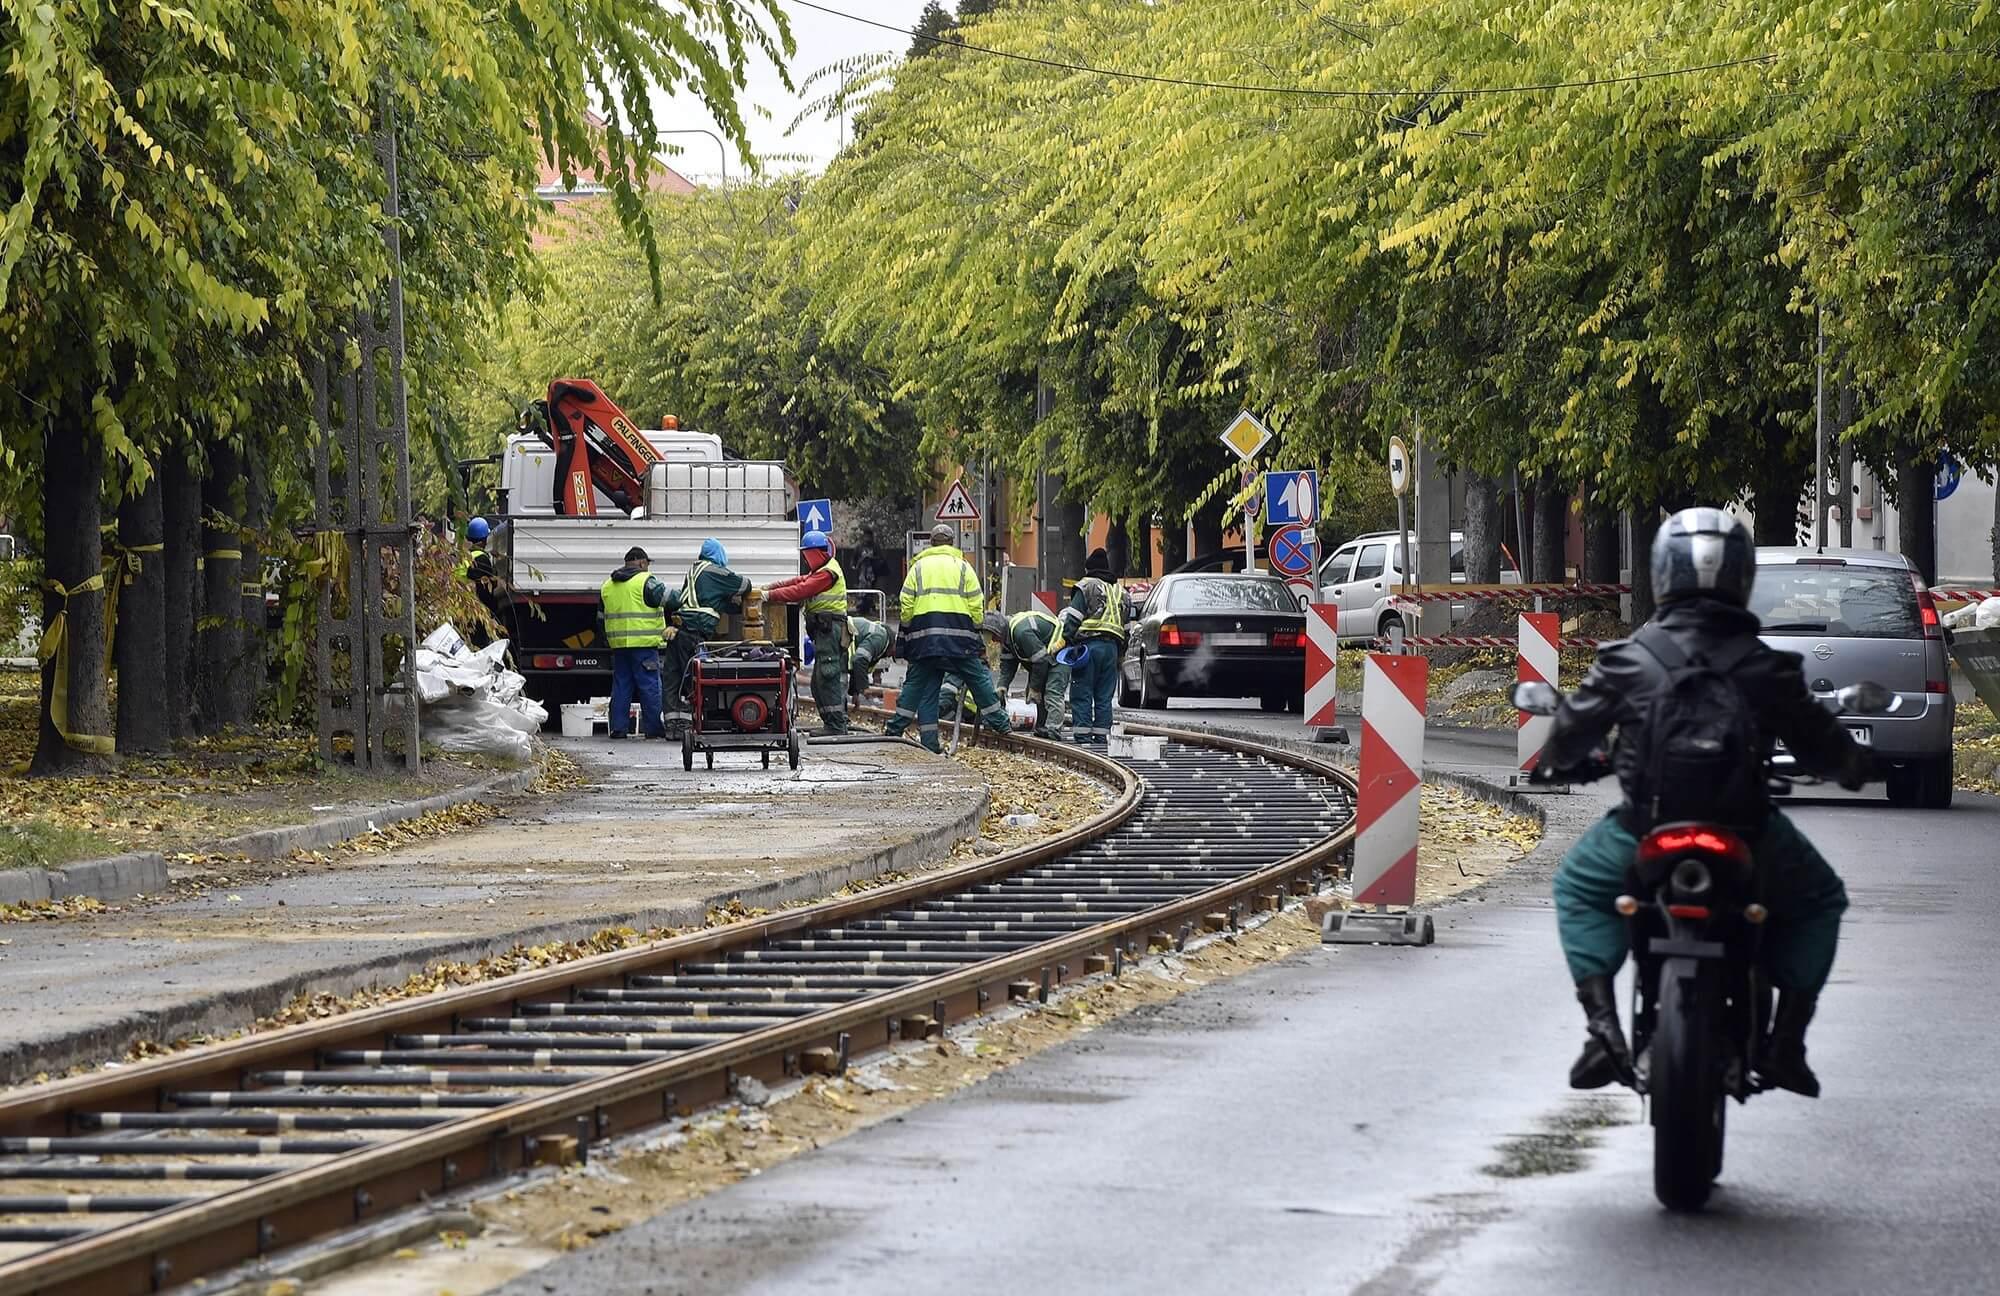 2020-ban elkezdődhet a tram-train próbaüzeme